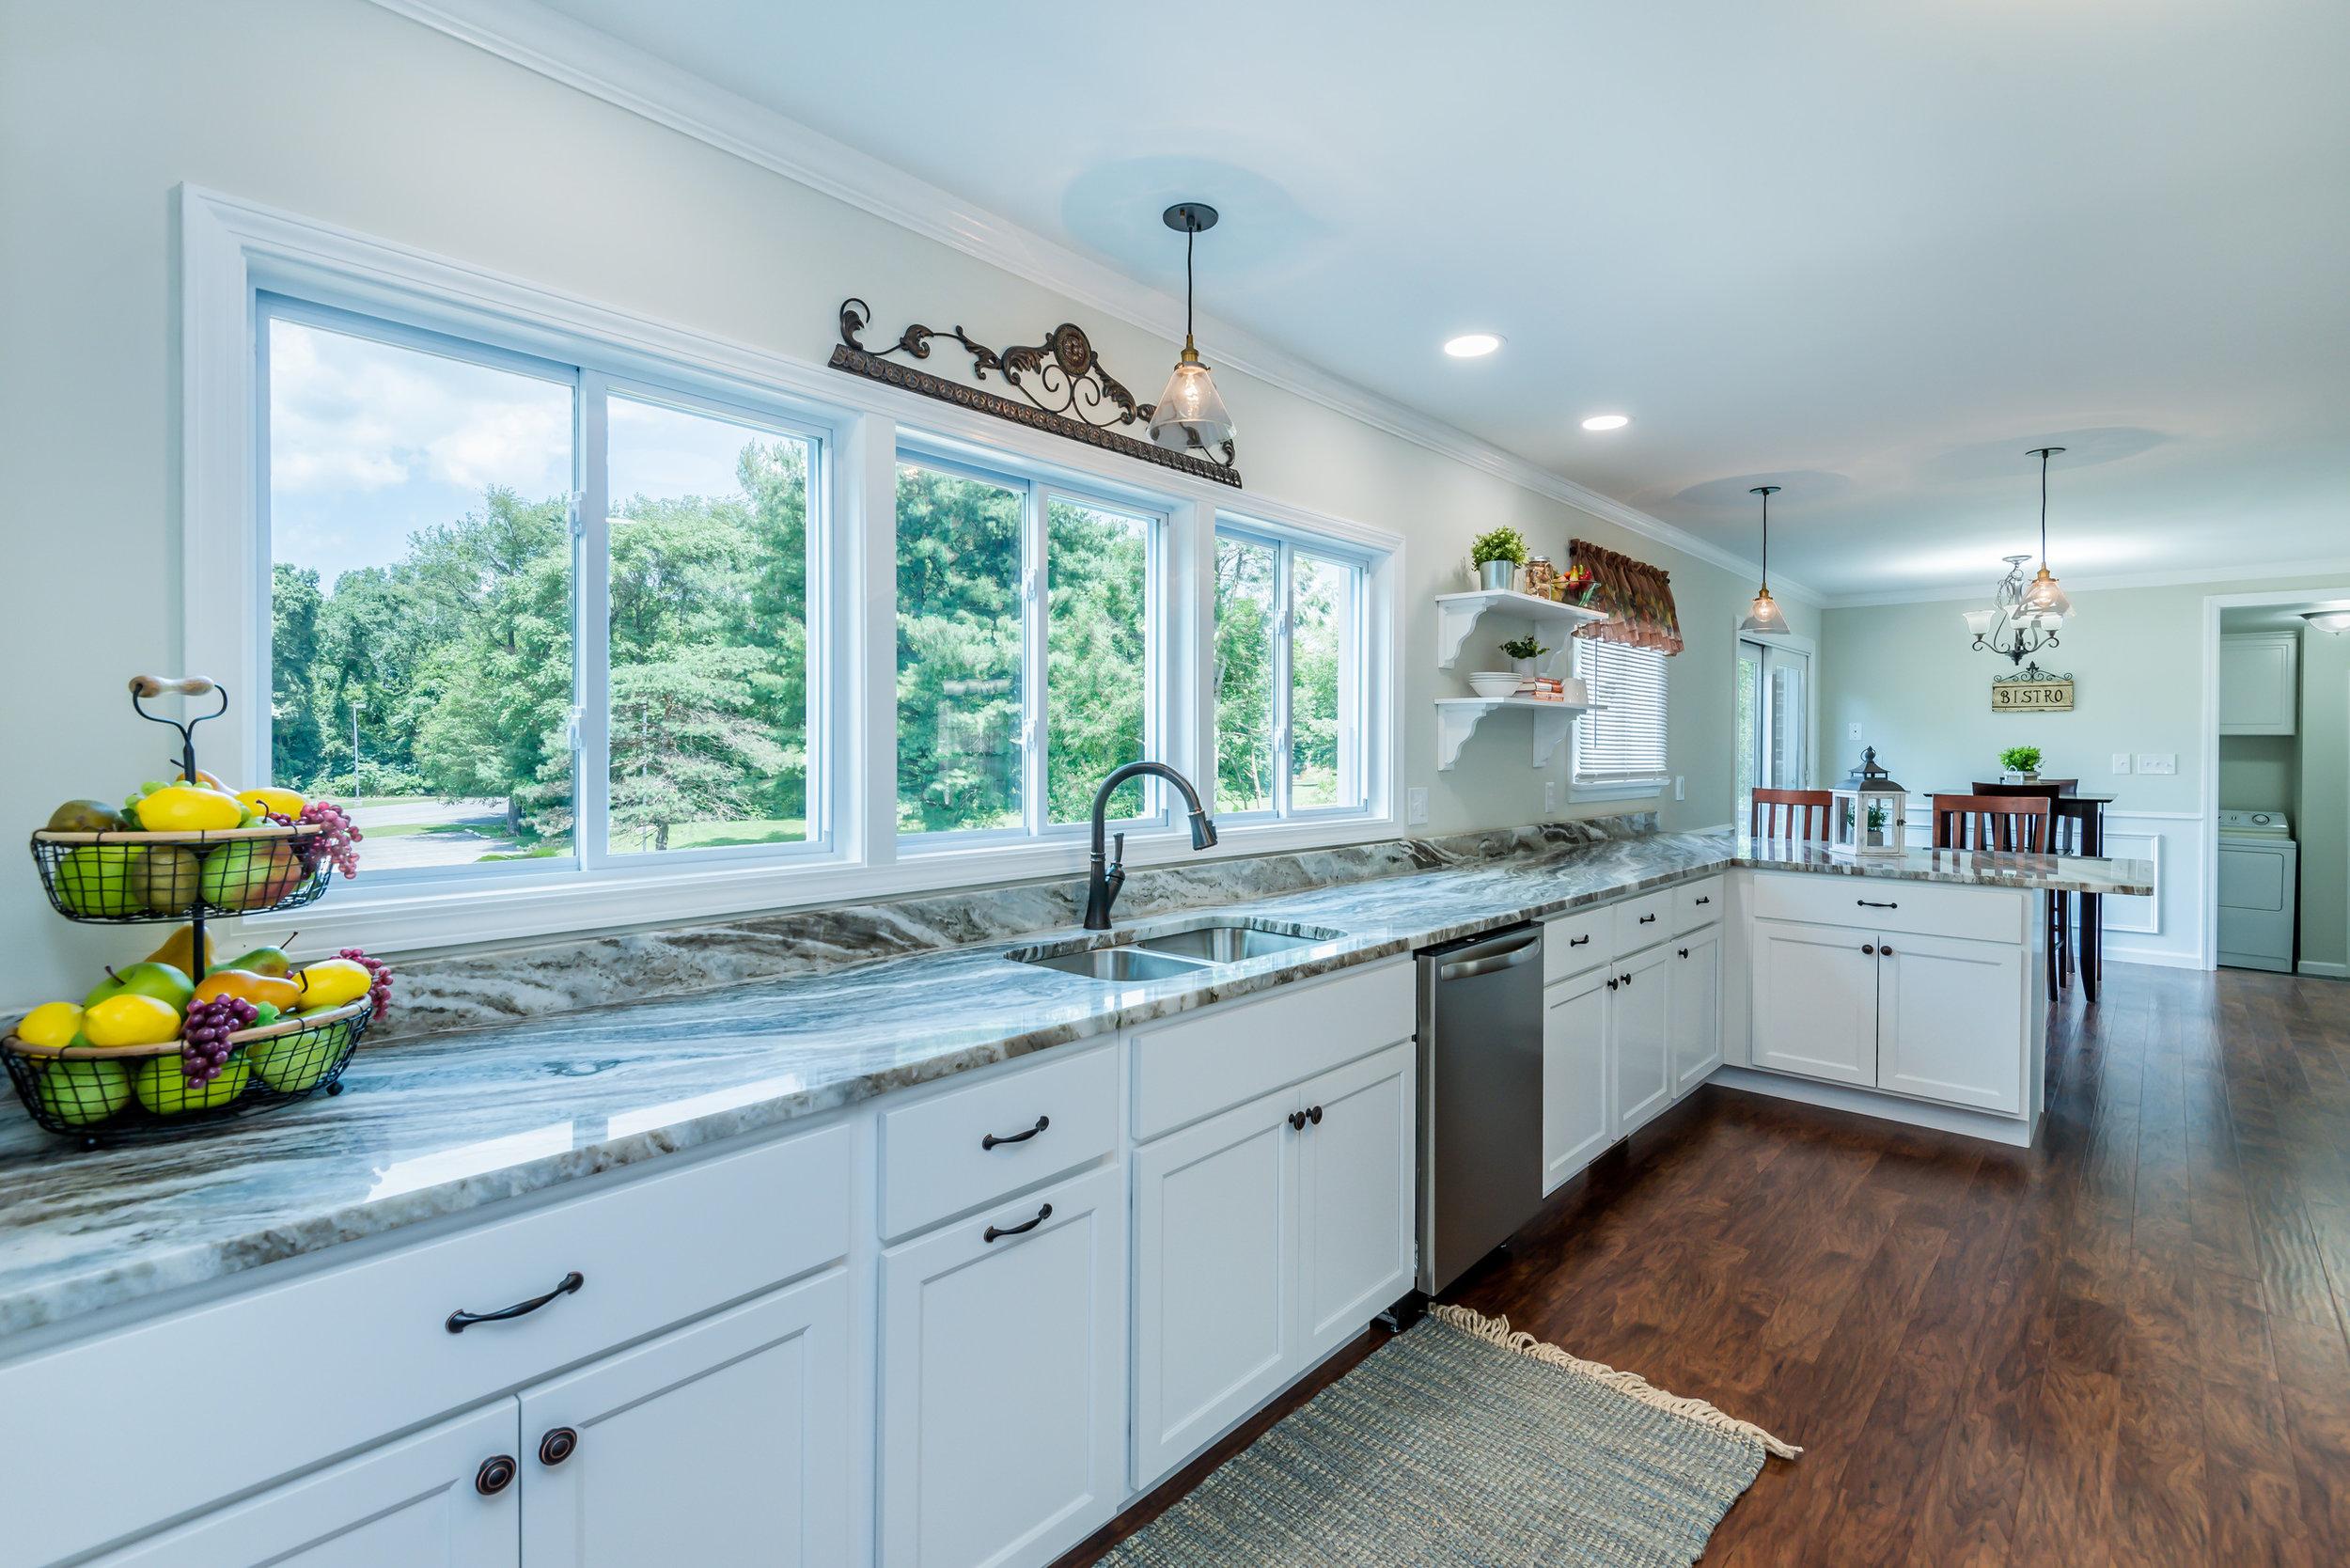 kitchen_sink_view_1_of_1_.jpg